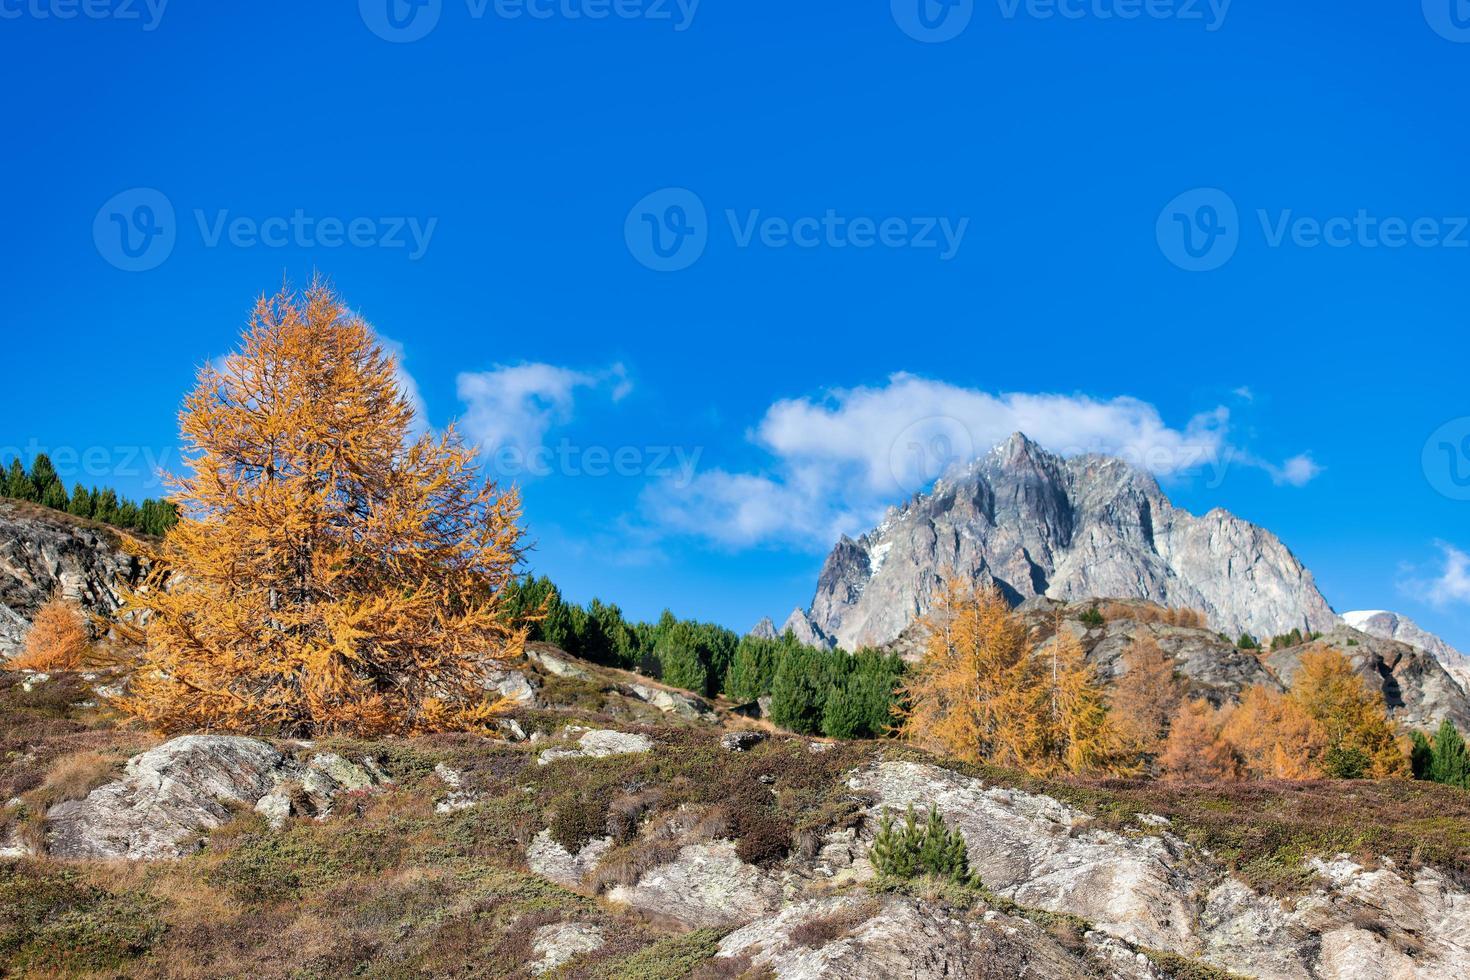 montaña rocosa en paisaje otoñal con un alerce de color dorado foto